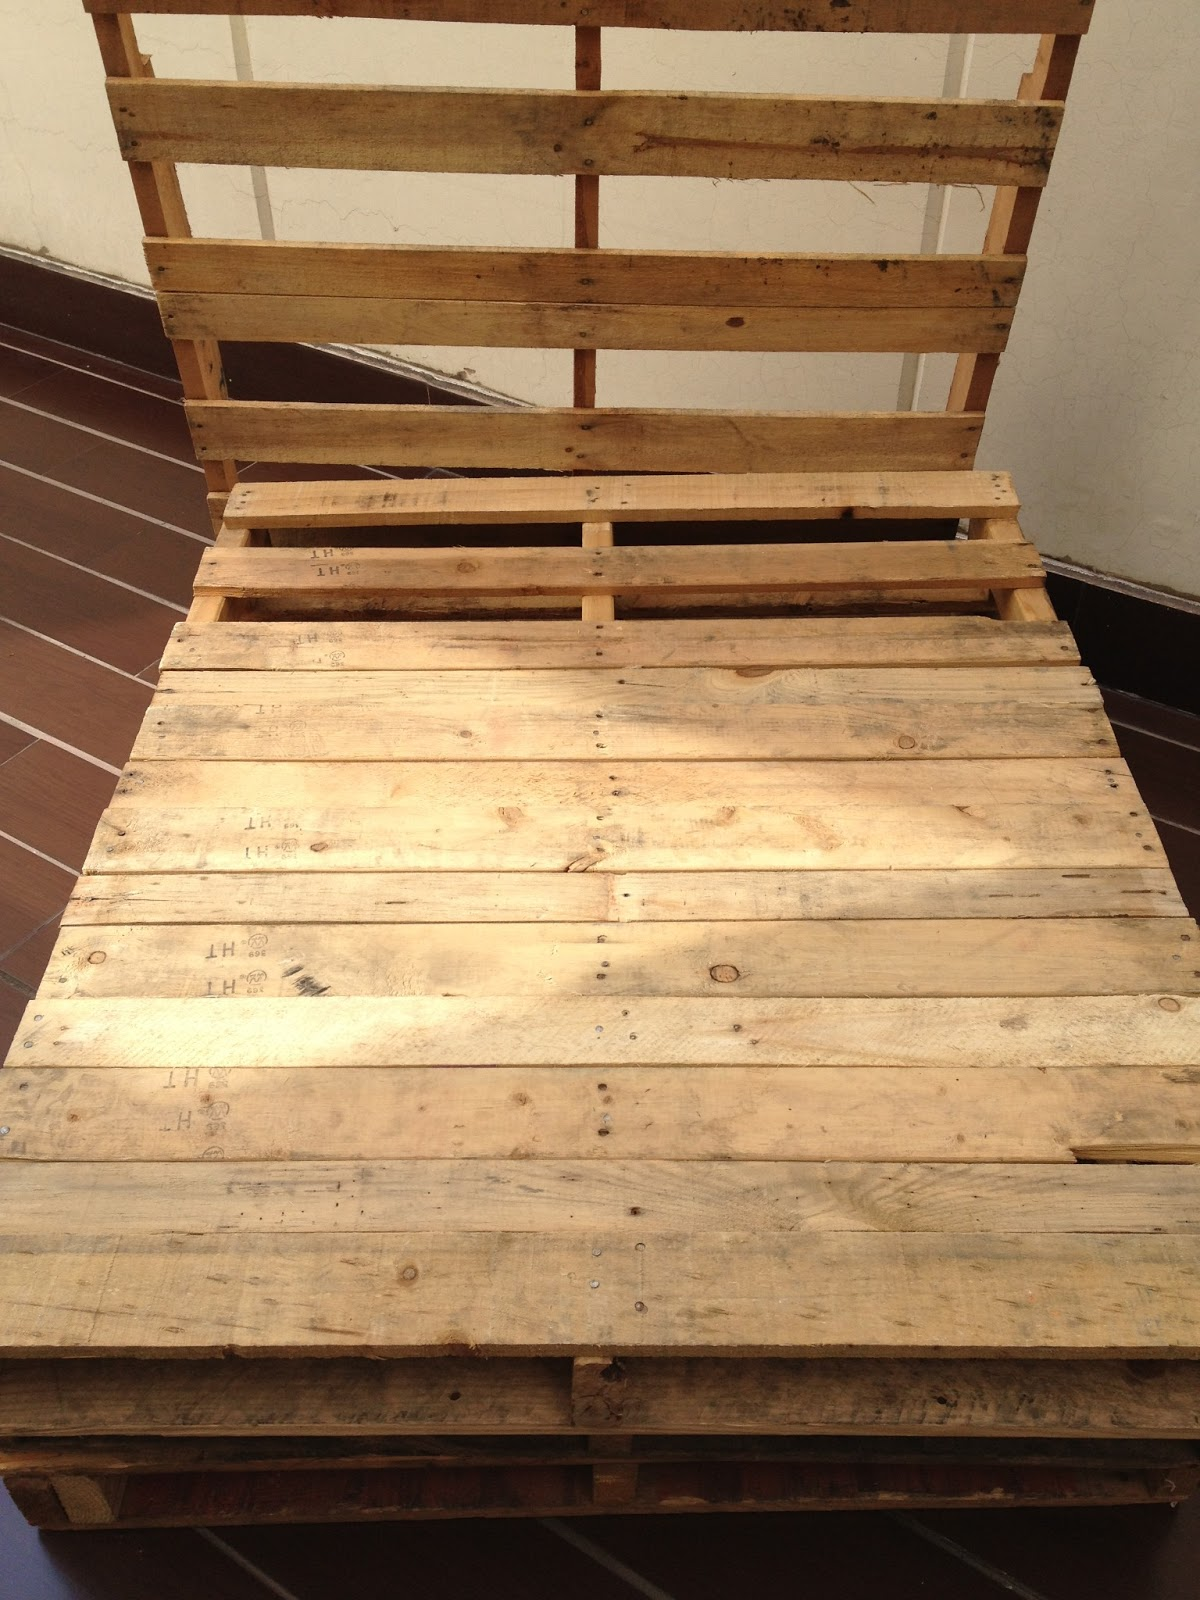 Ideas de muebles hechos con palets interesting imgwa with ideas de muebles hechos con palets - Muebles hechos con palets de madera ...